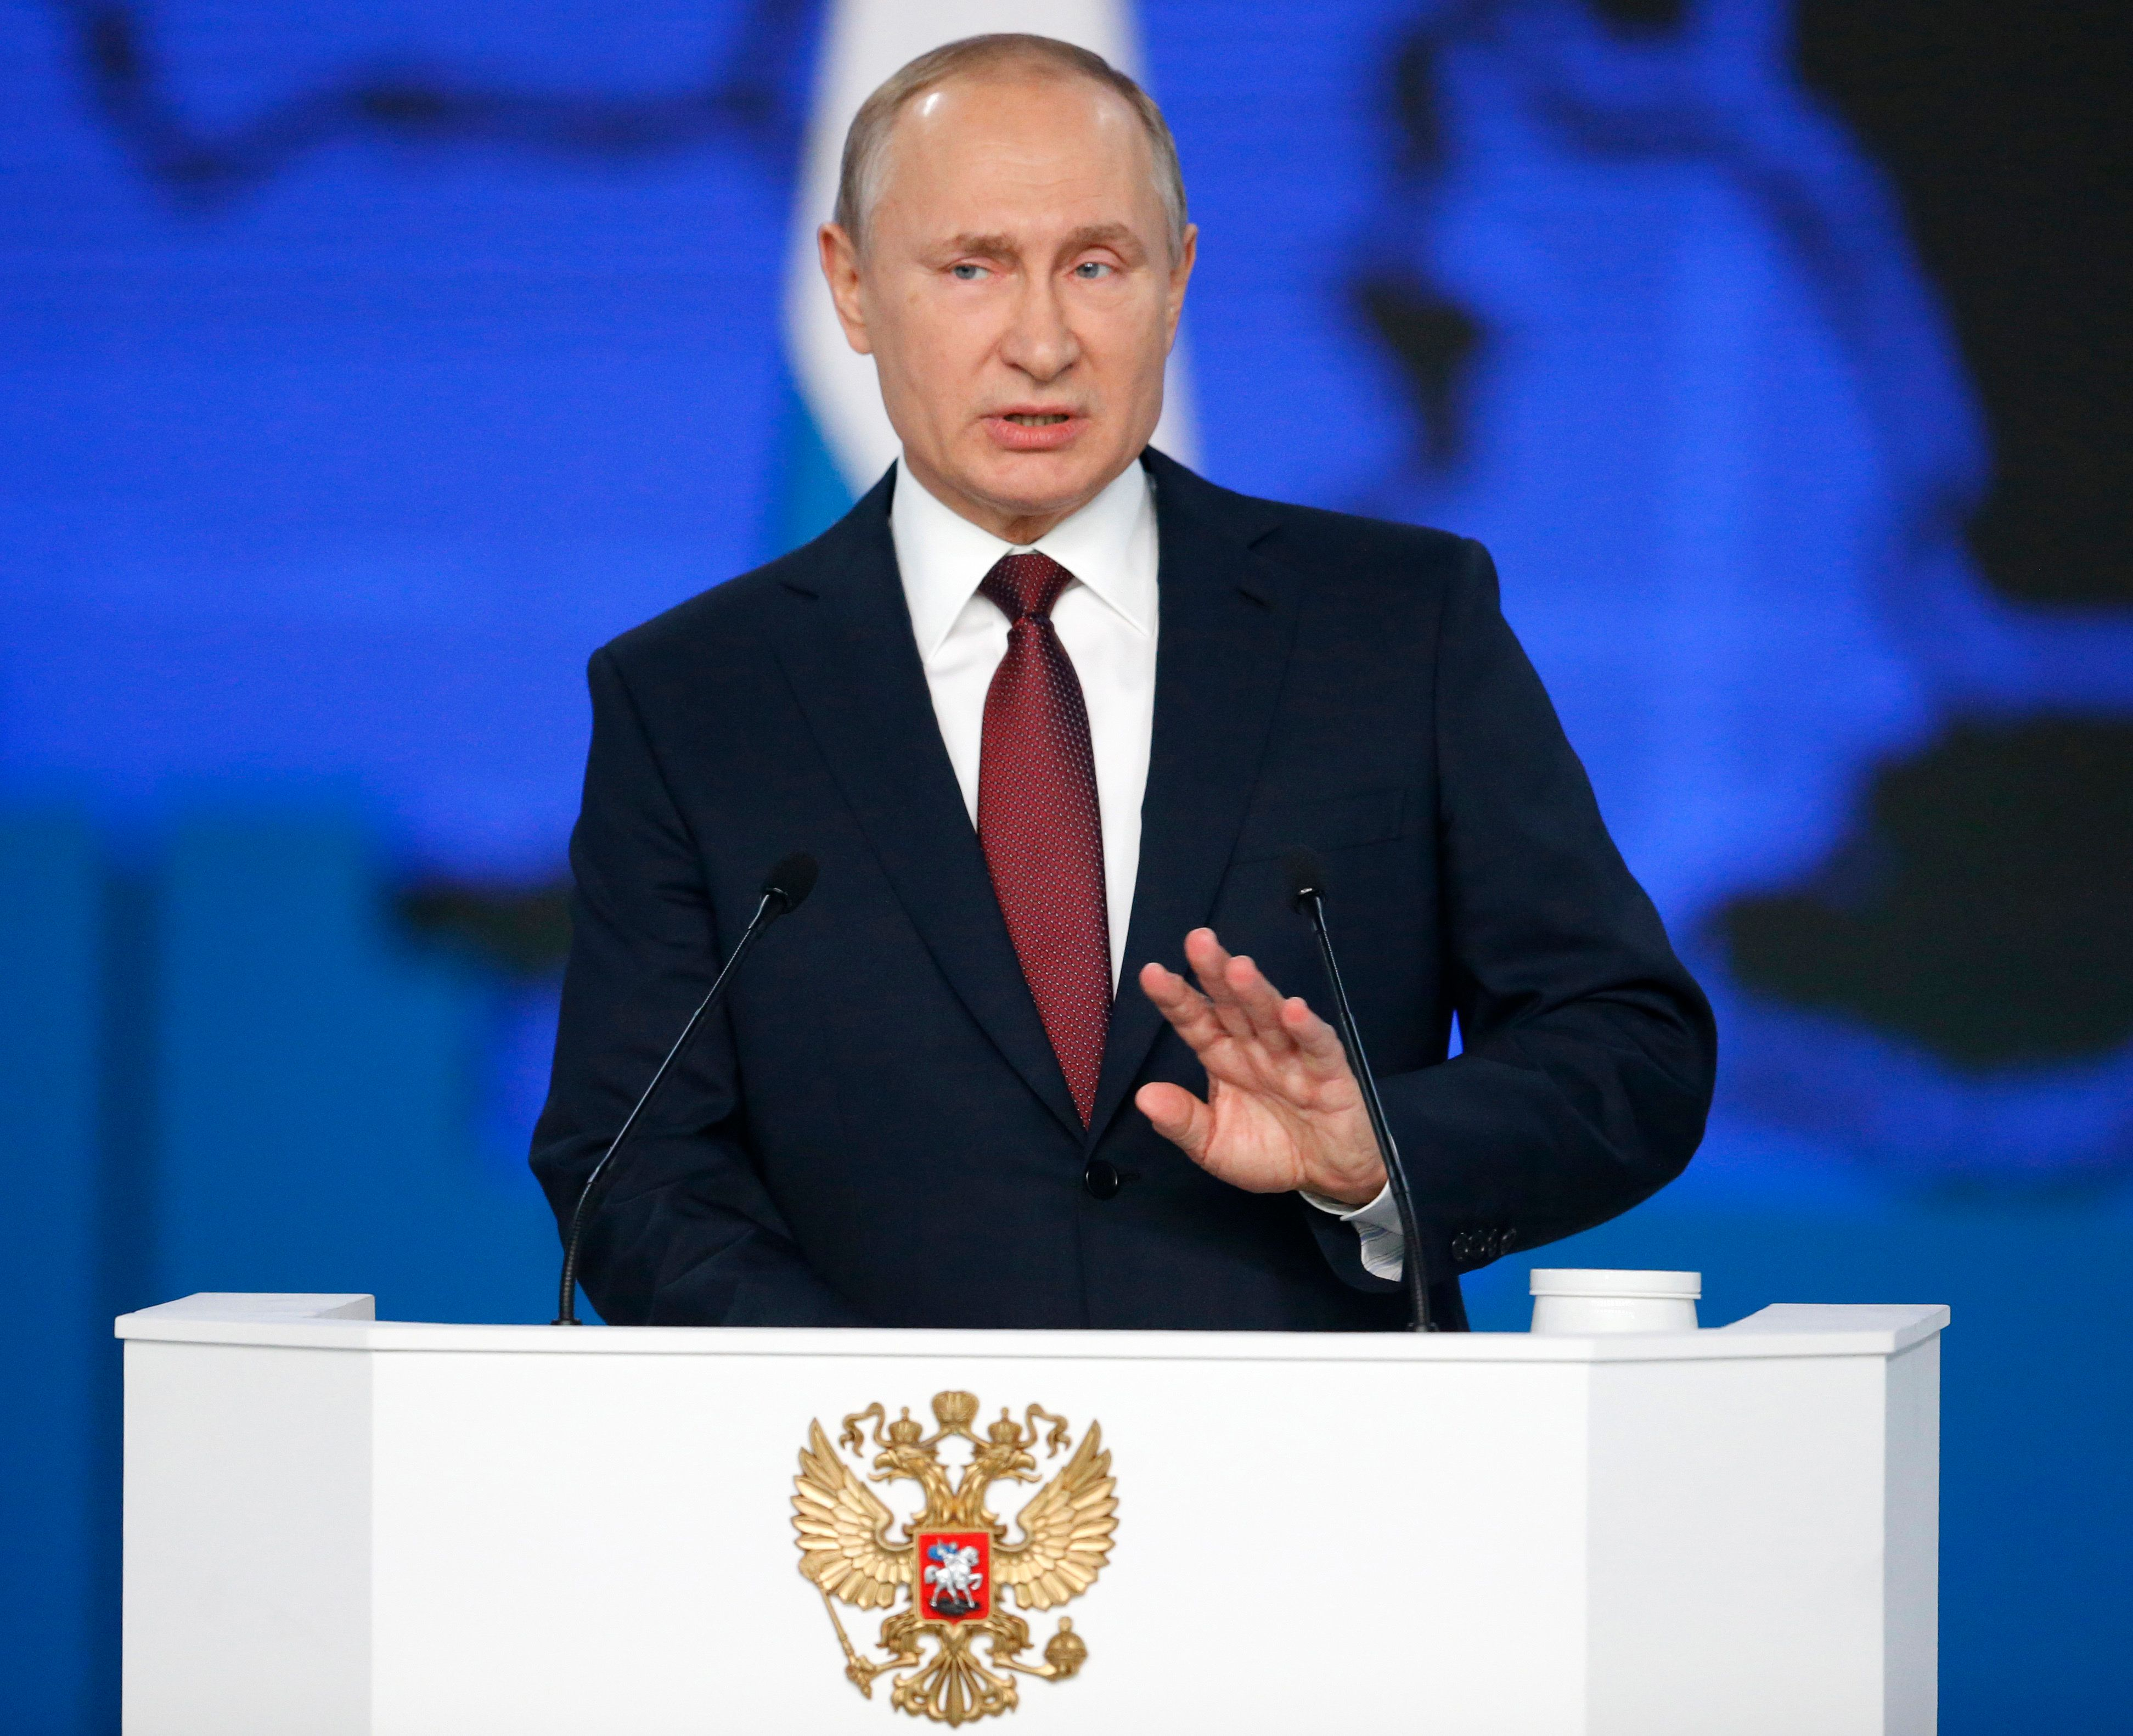 Αν οι ΗΠΑ εγκαταστήσουν πυραύλους στην Ευρώπη, η Ρωσία θα στοχεύσει και «τα κέντρα λήψης